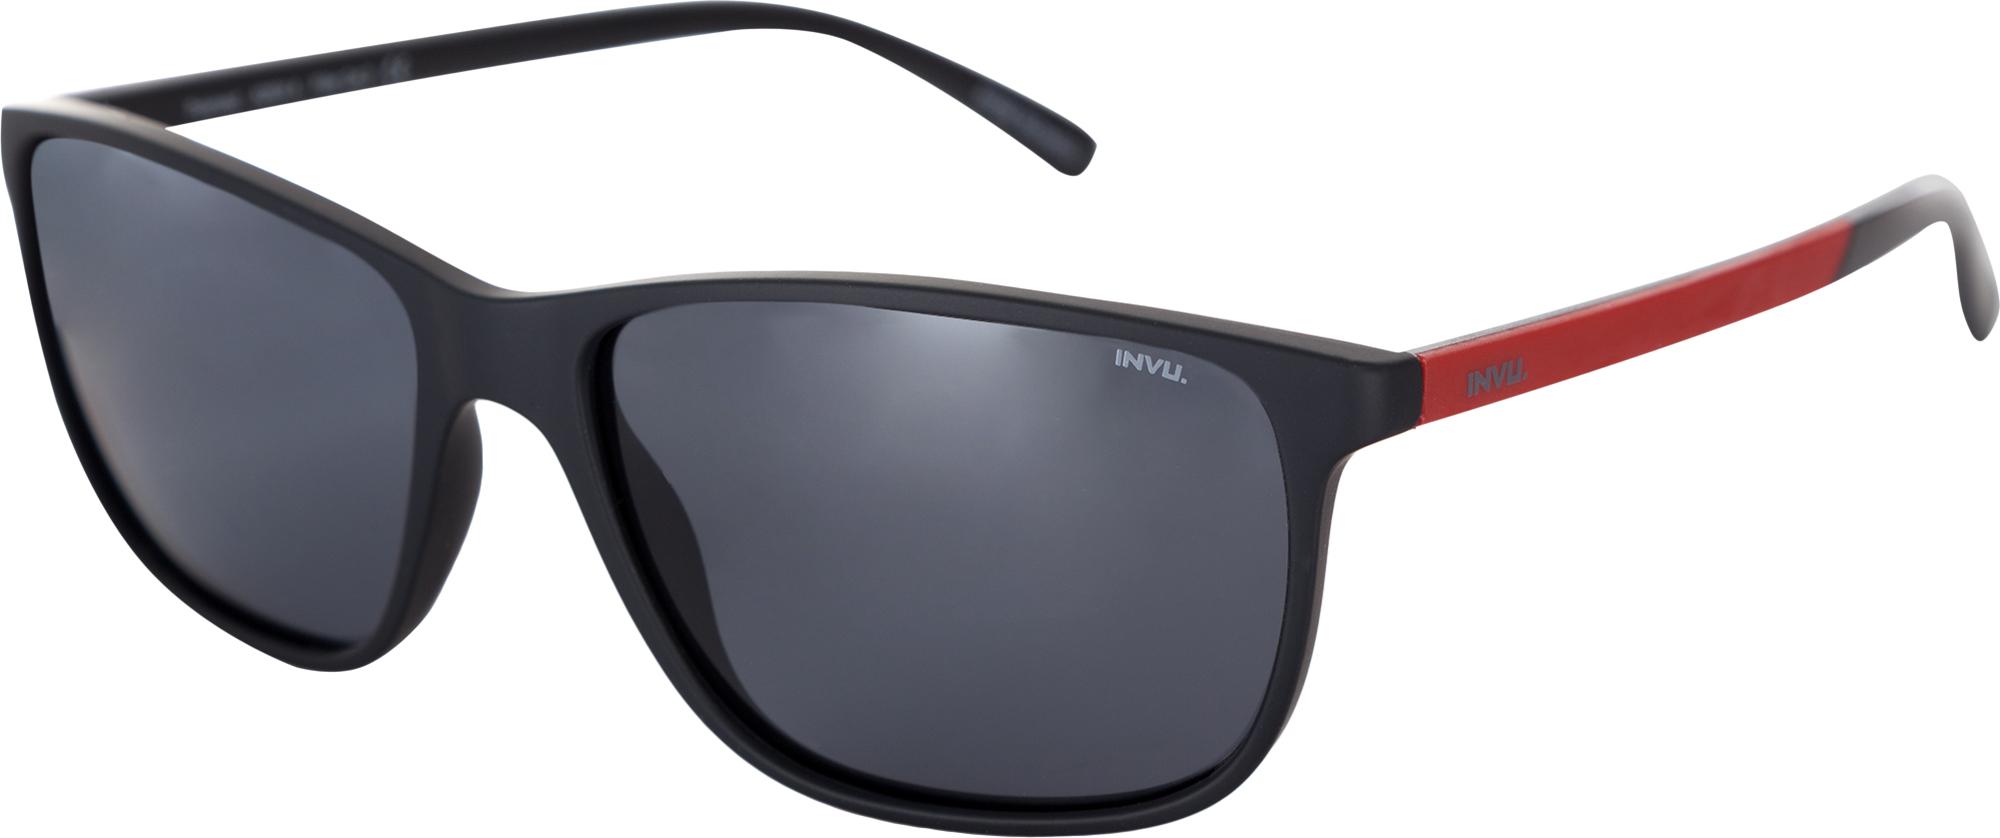 Invu Солнцезащитные очки мужские Invu спортивные очки вело кс